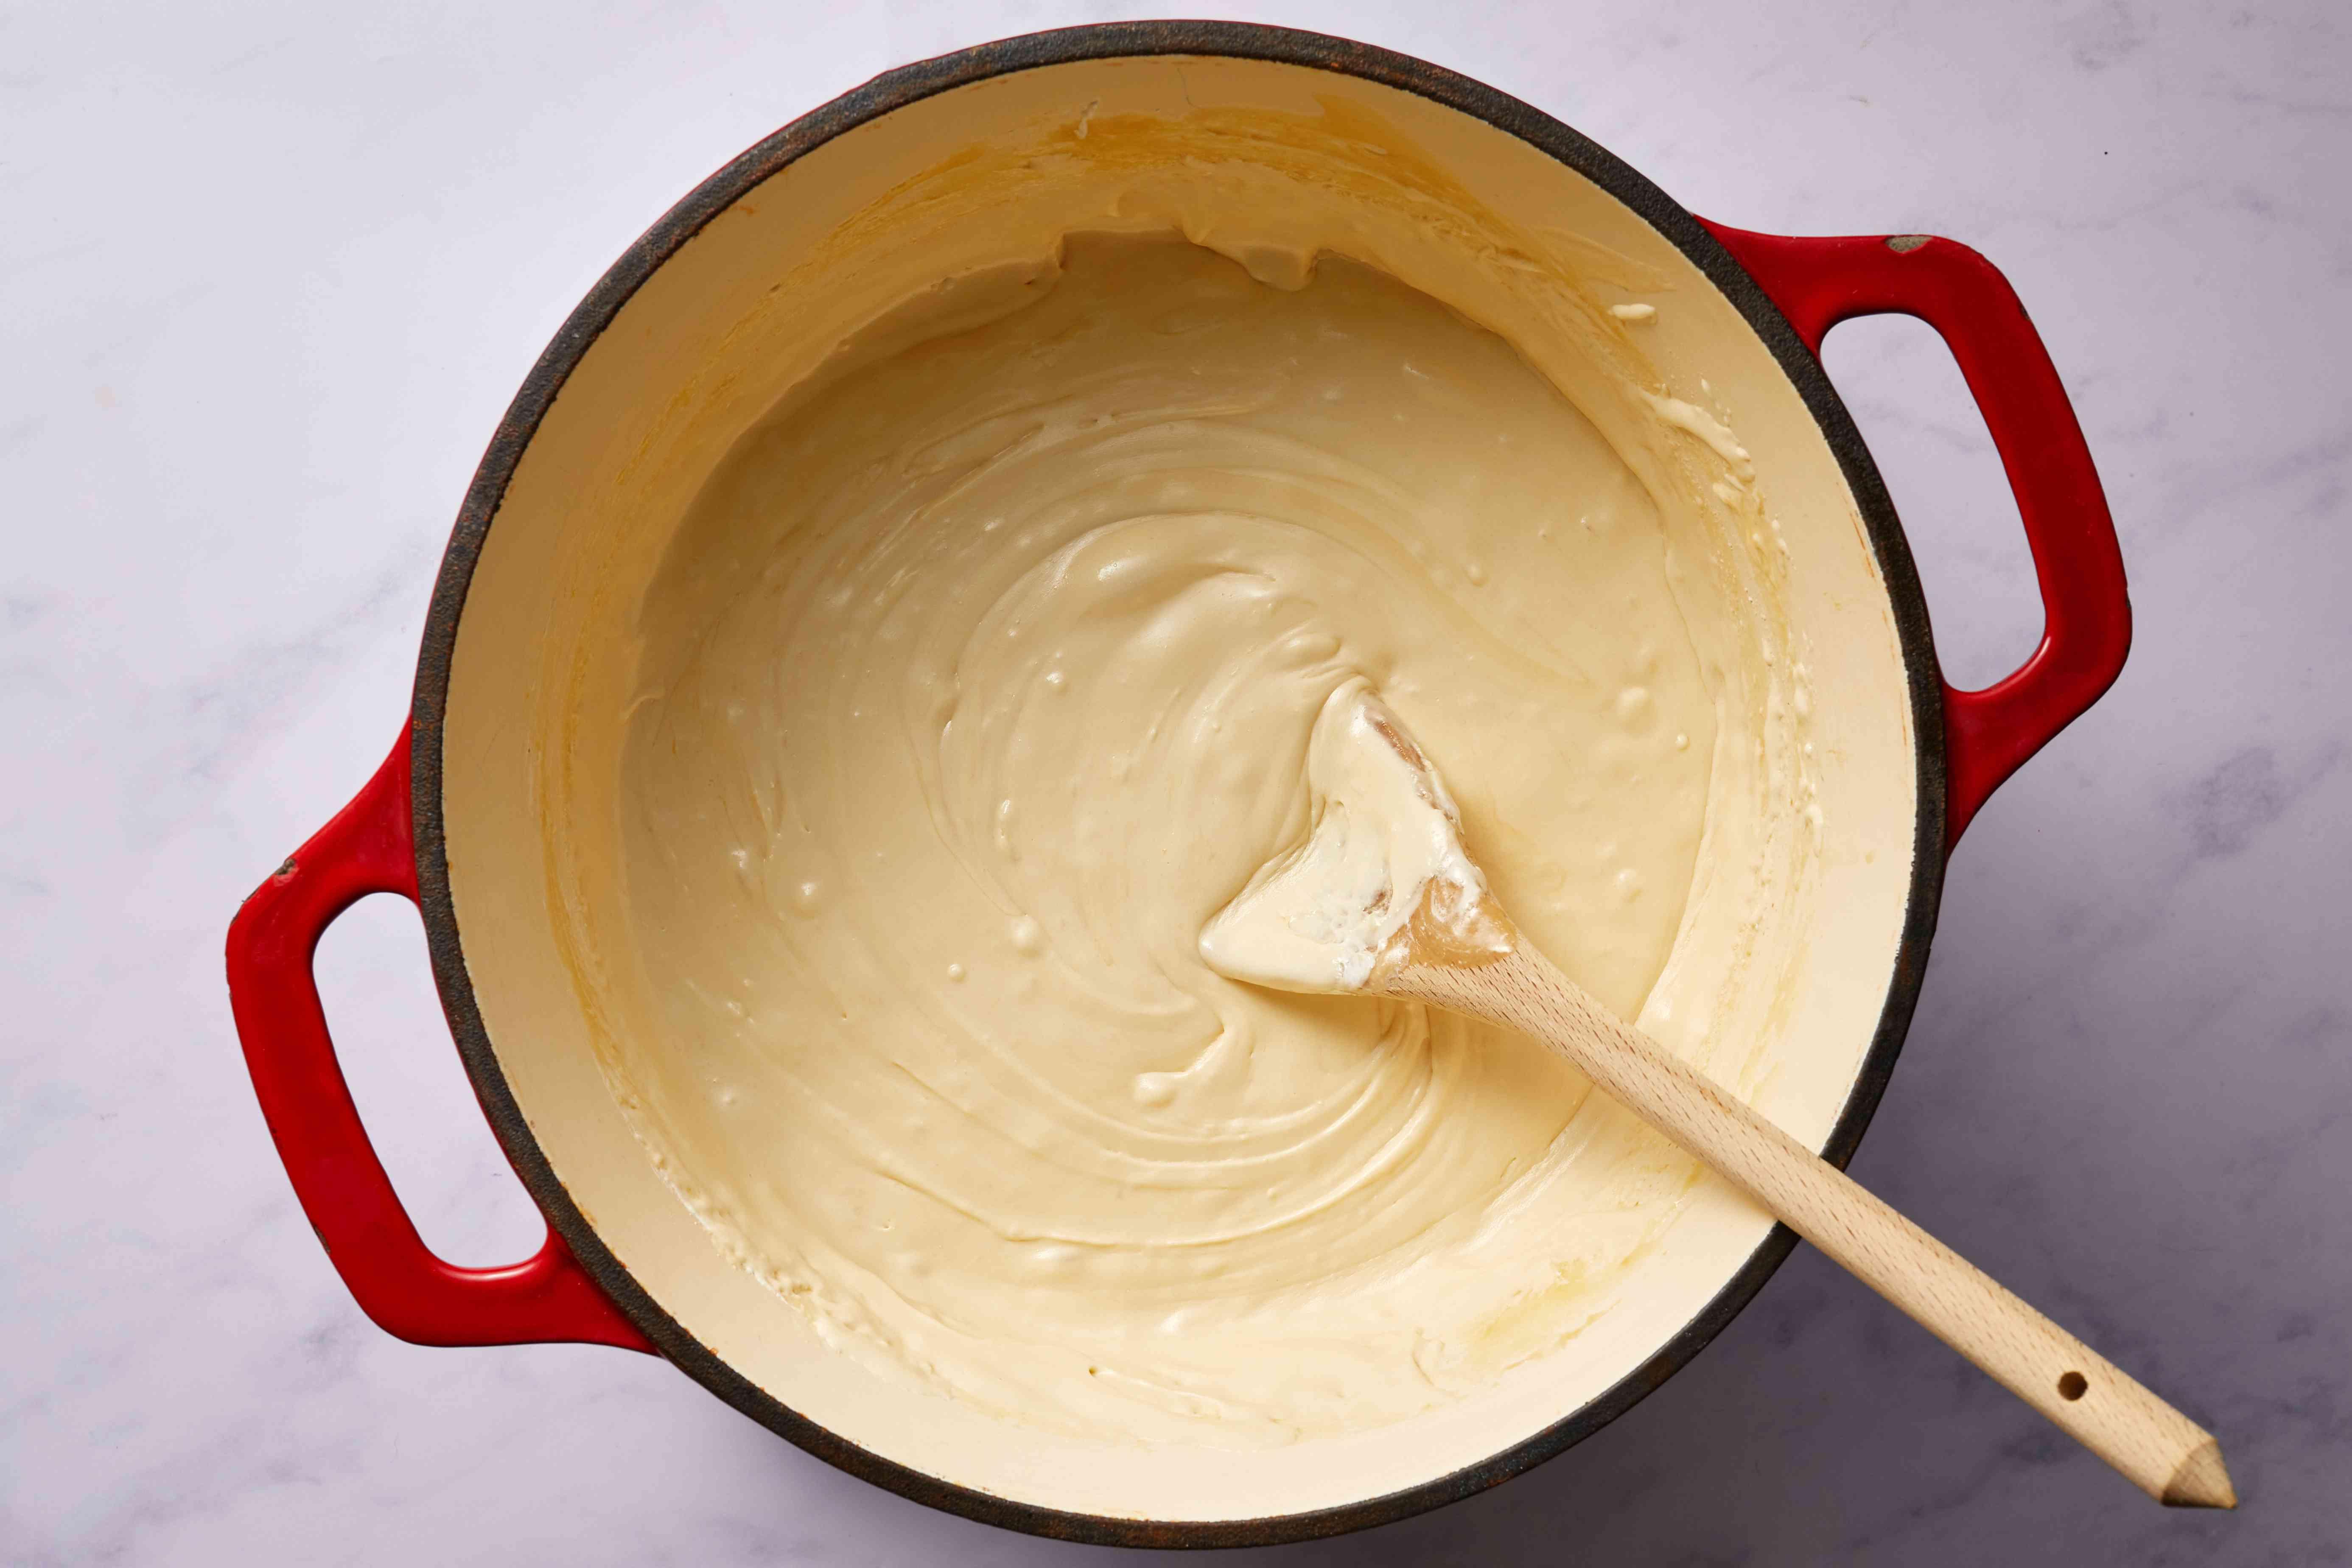 fudge mixture in a saucepan